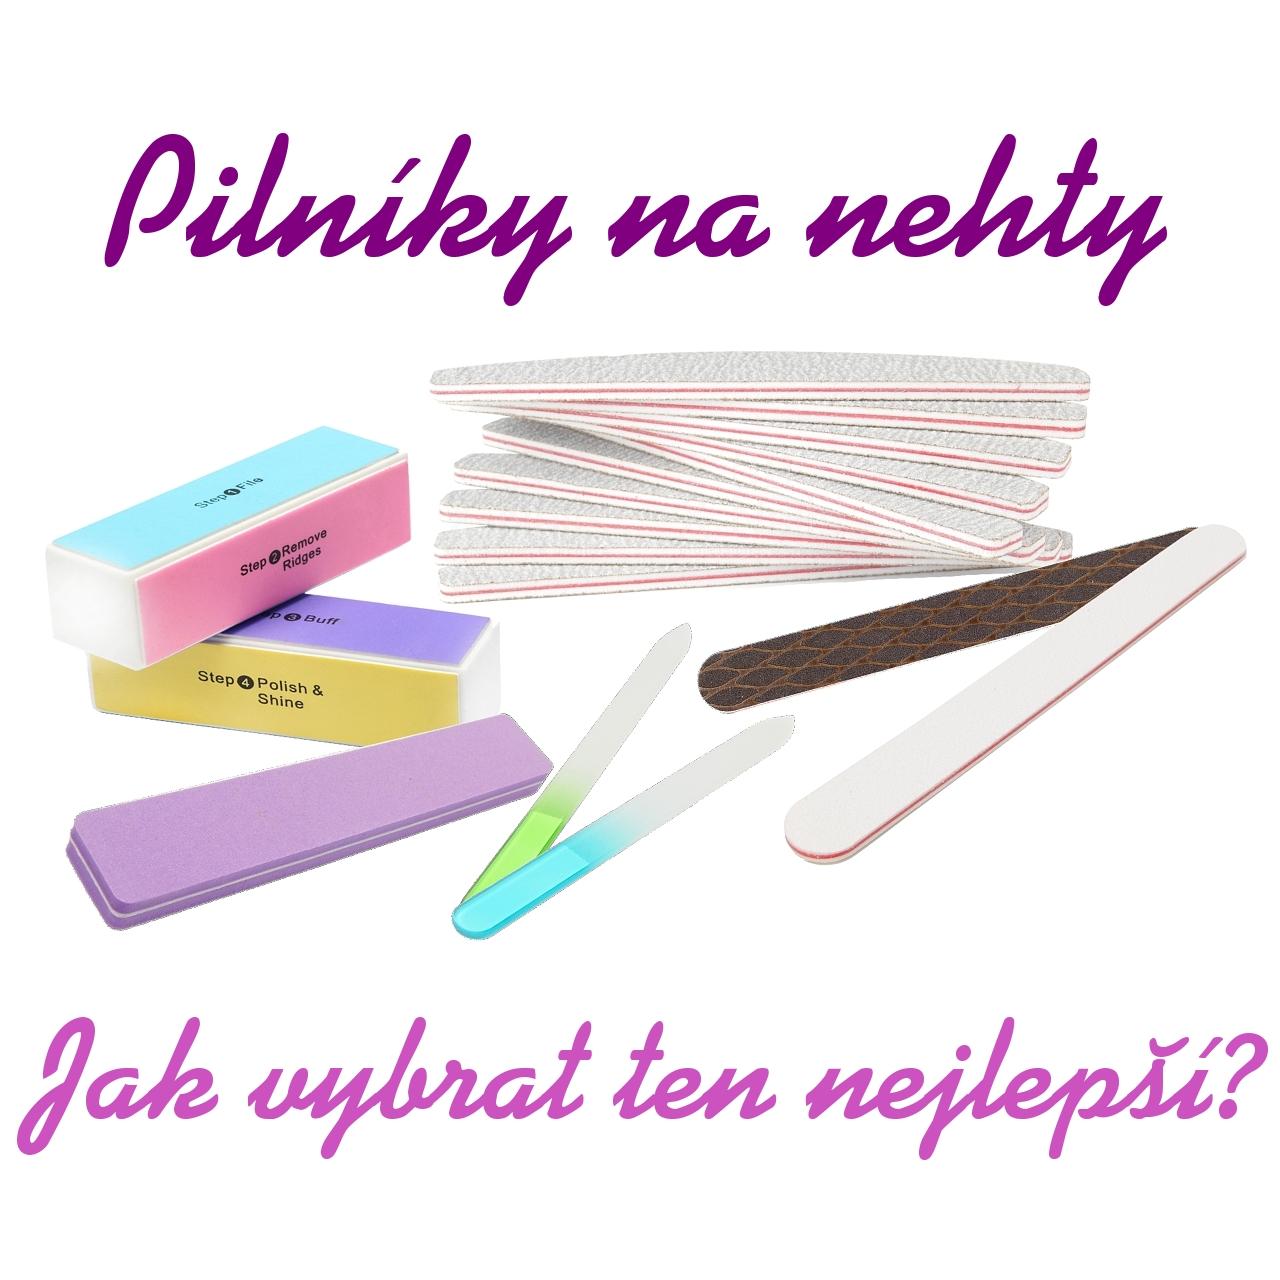 Jak vybrat ideální pilník na nehty? 4 parametry, podle kterých vyberete správně